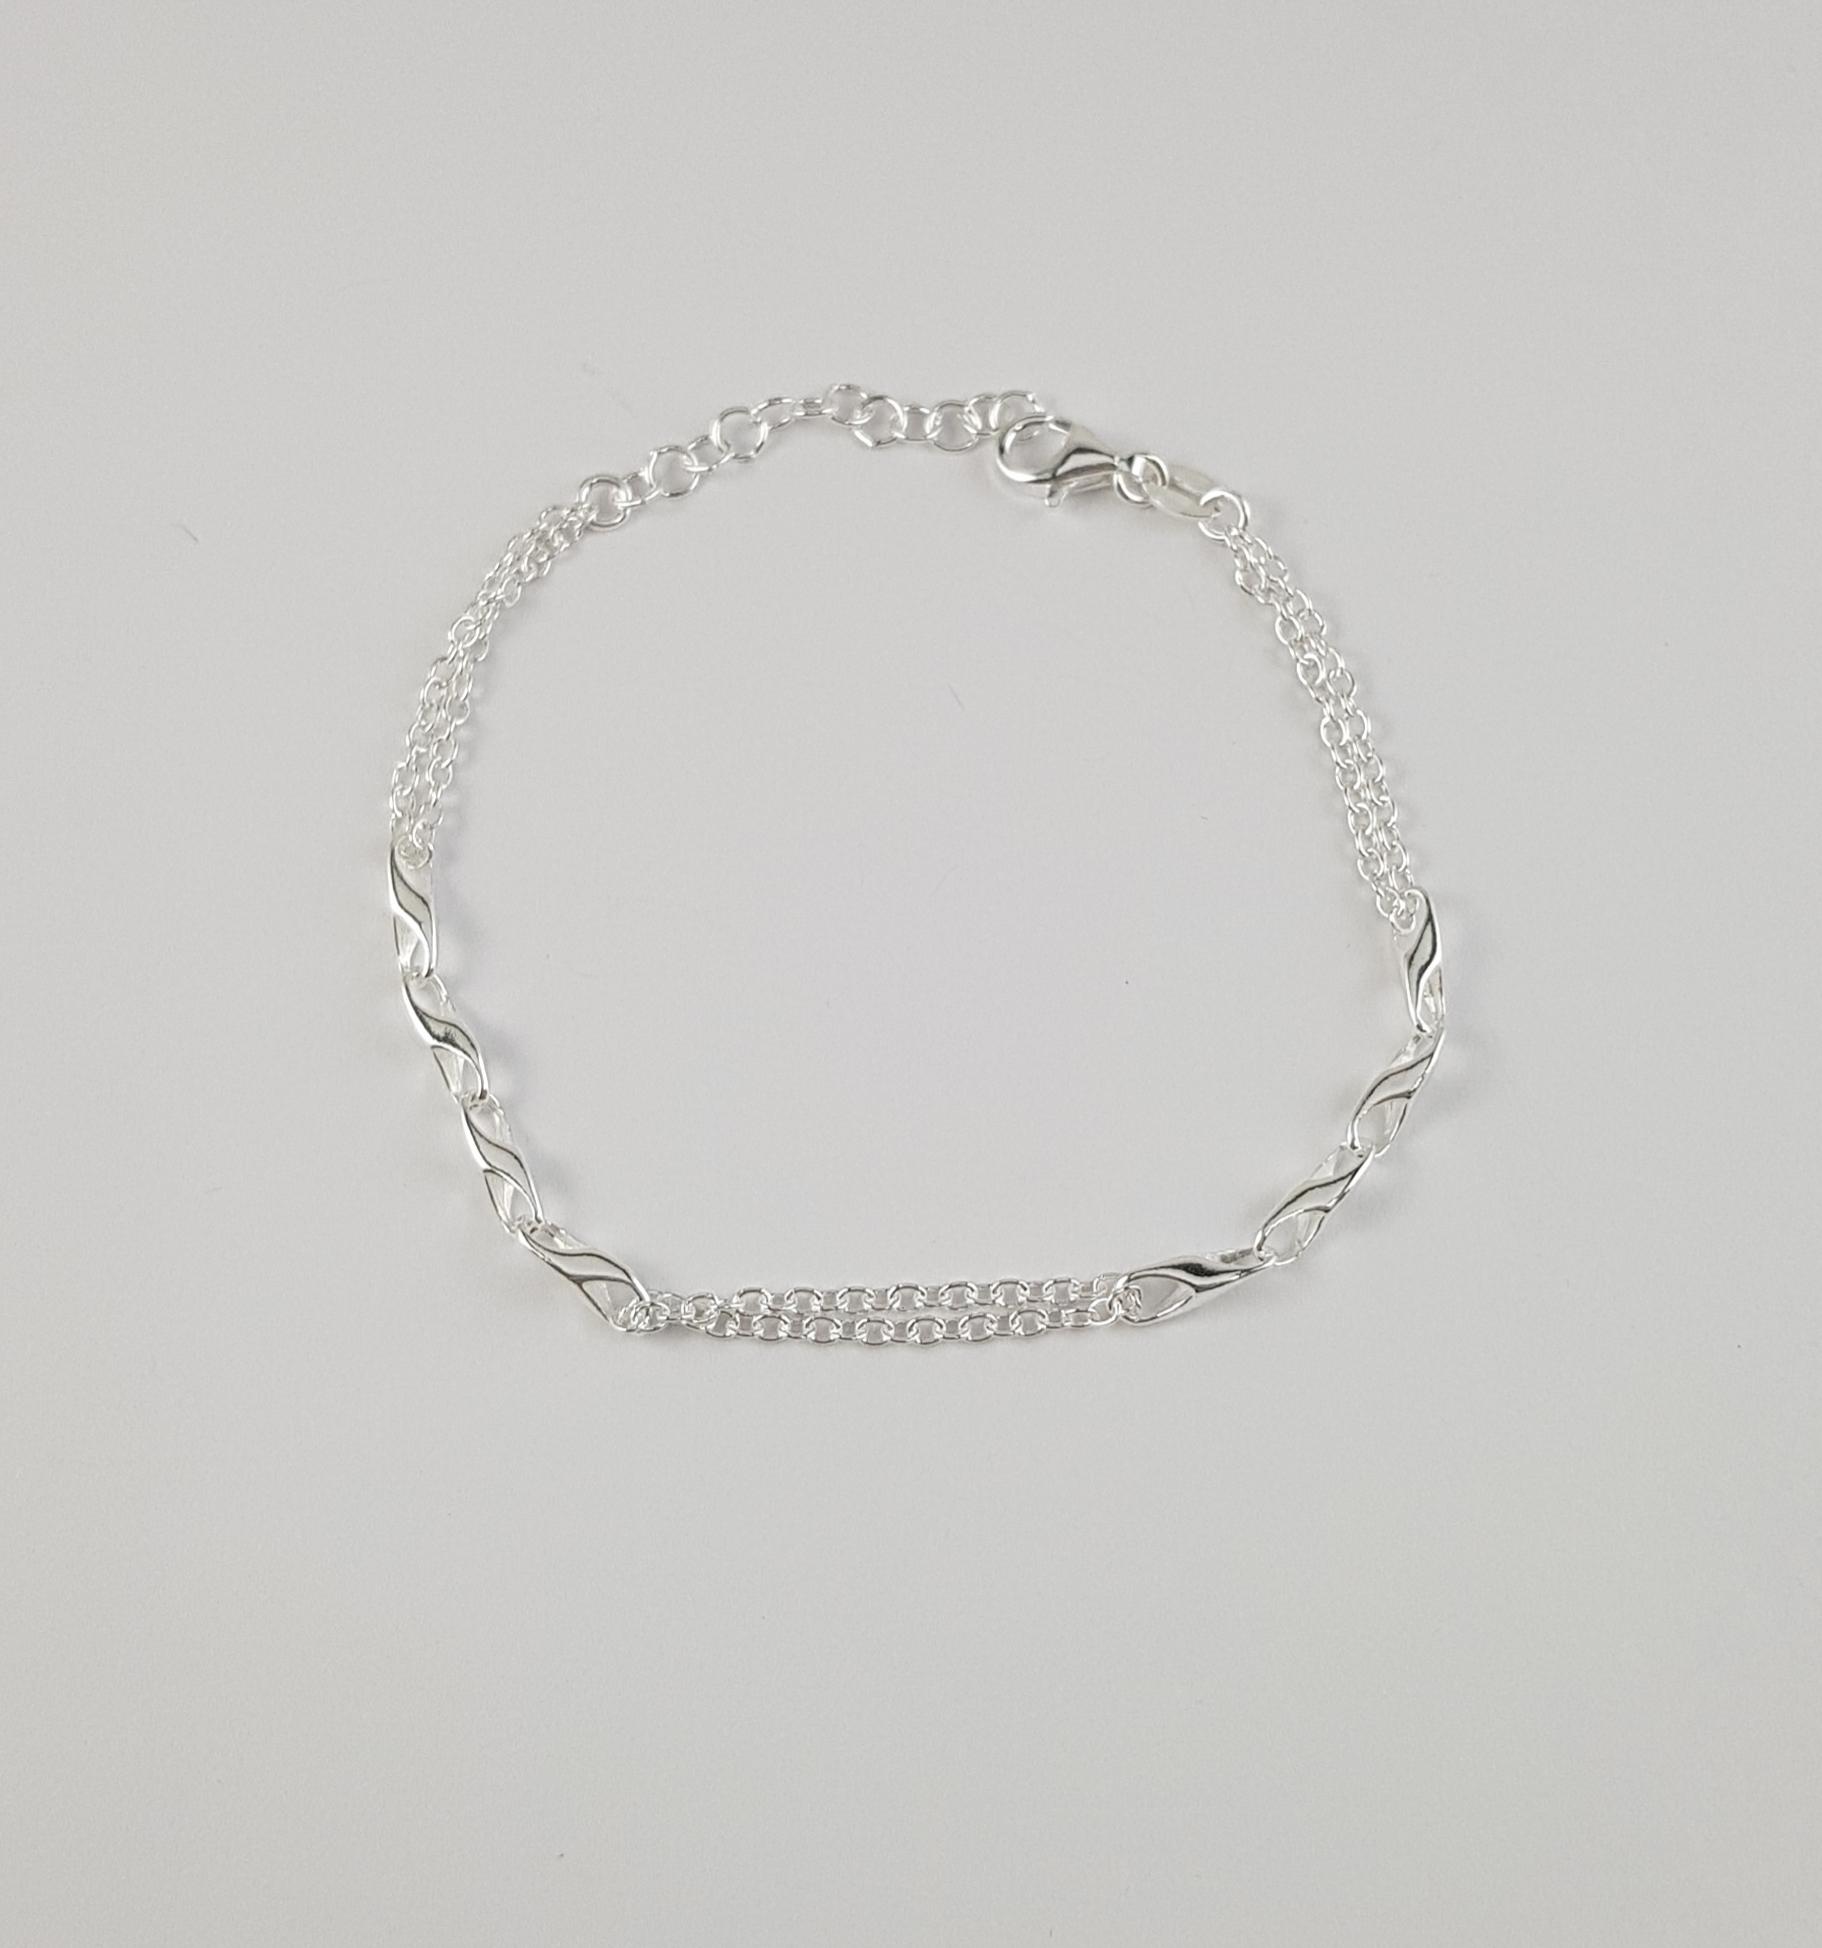 3dd4793fcf1b Pulsera plata cadena doble con eslabones - Joyería Amores. Tienda online  joyas personalizadas y artesanales